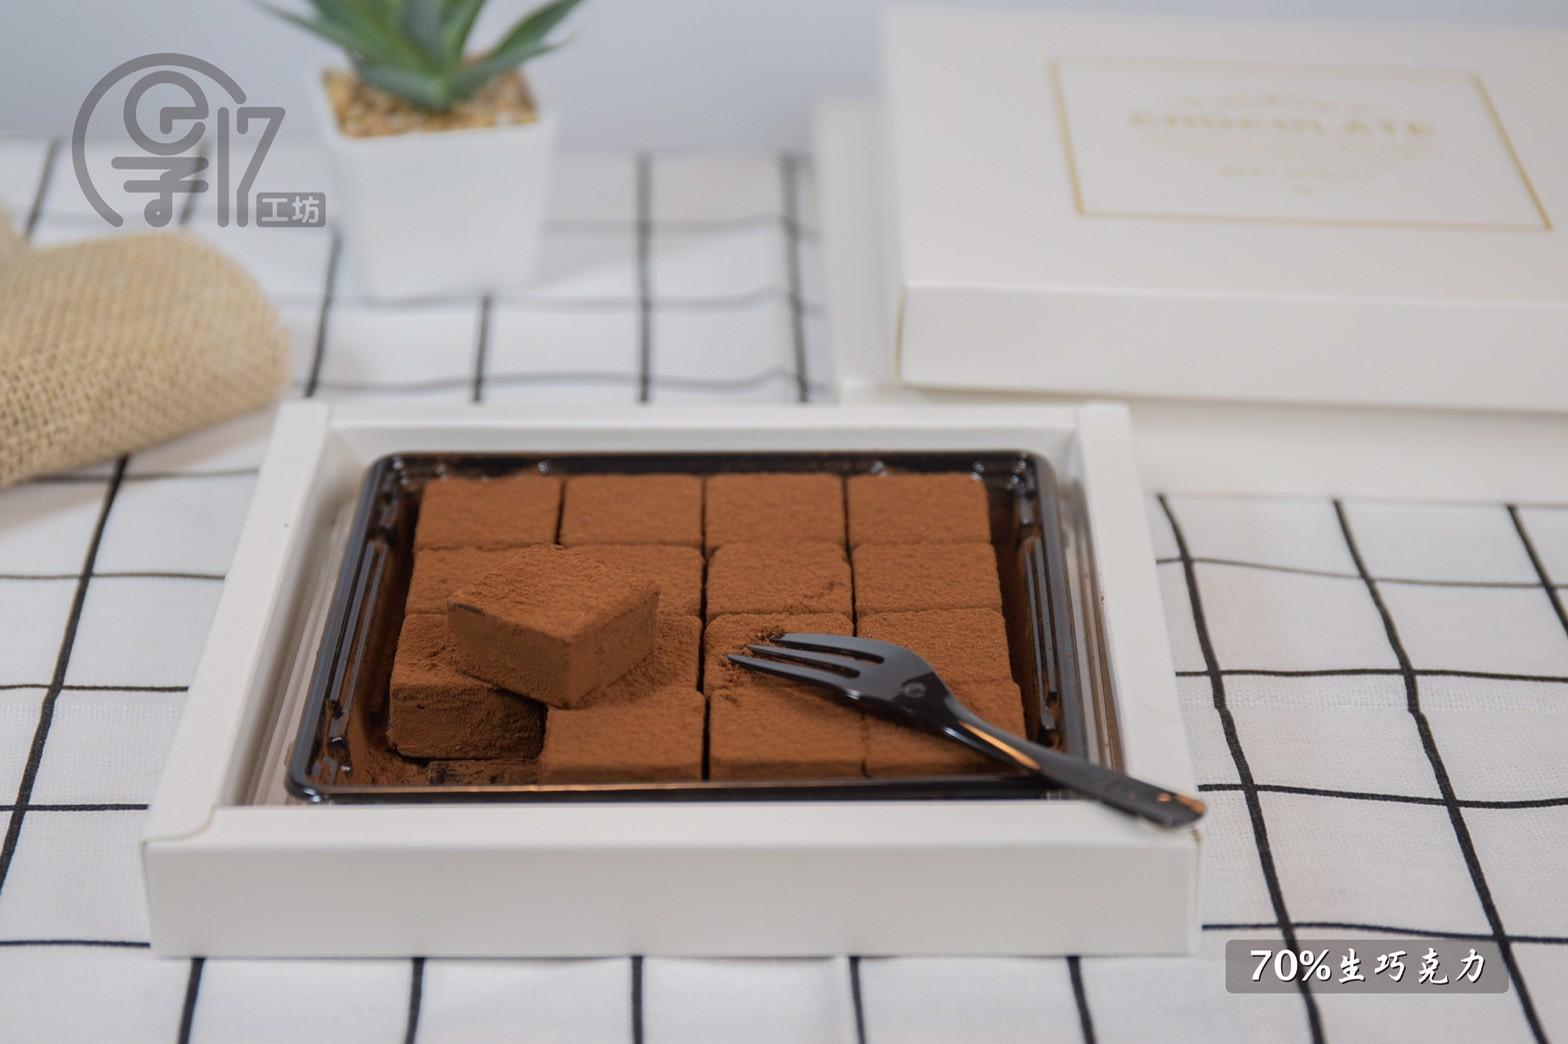 厚17~70%生巧克力(一組三盒)